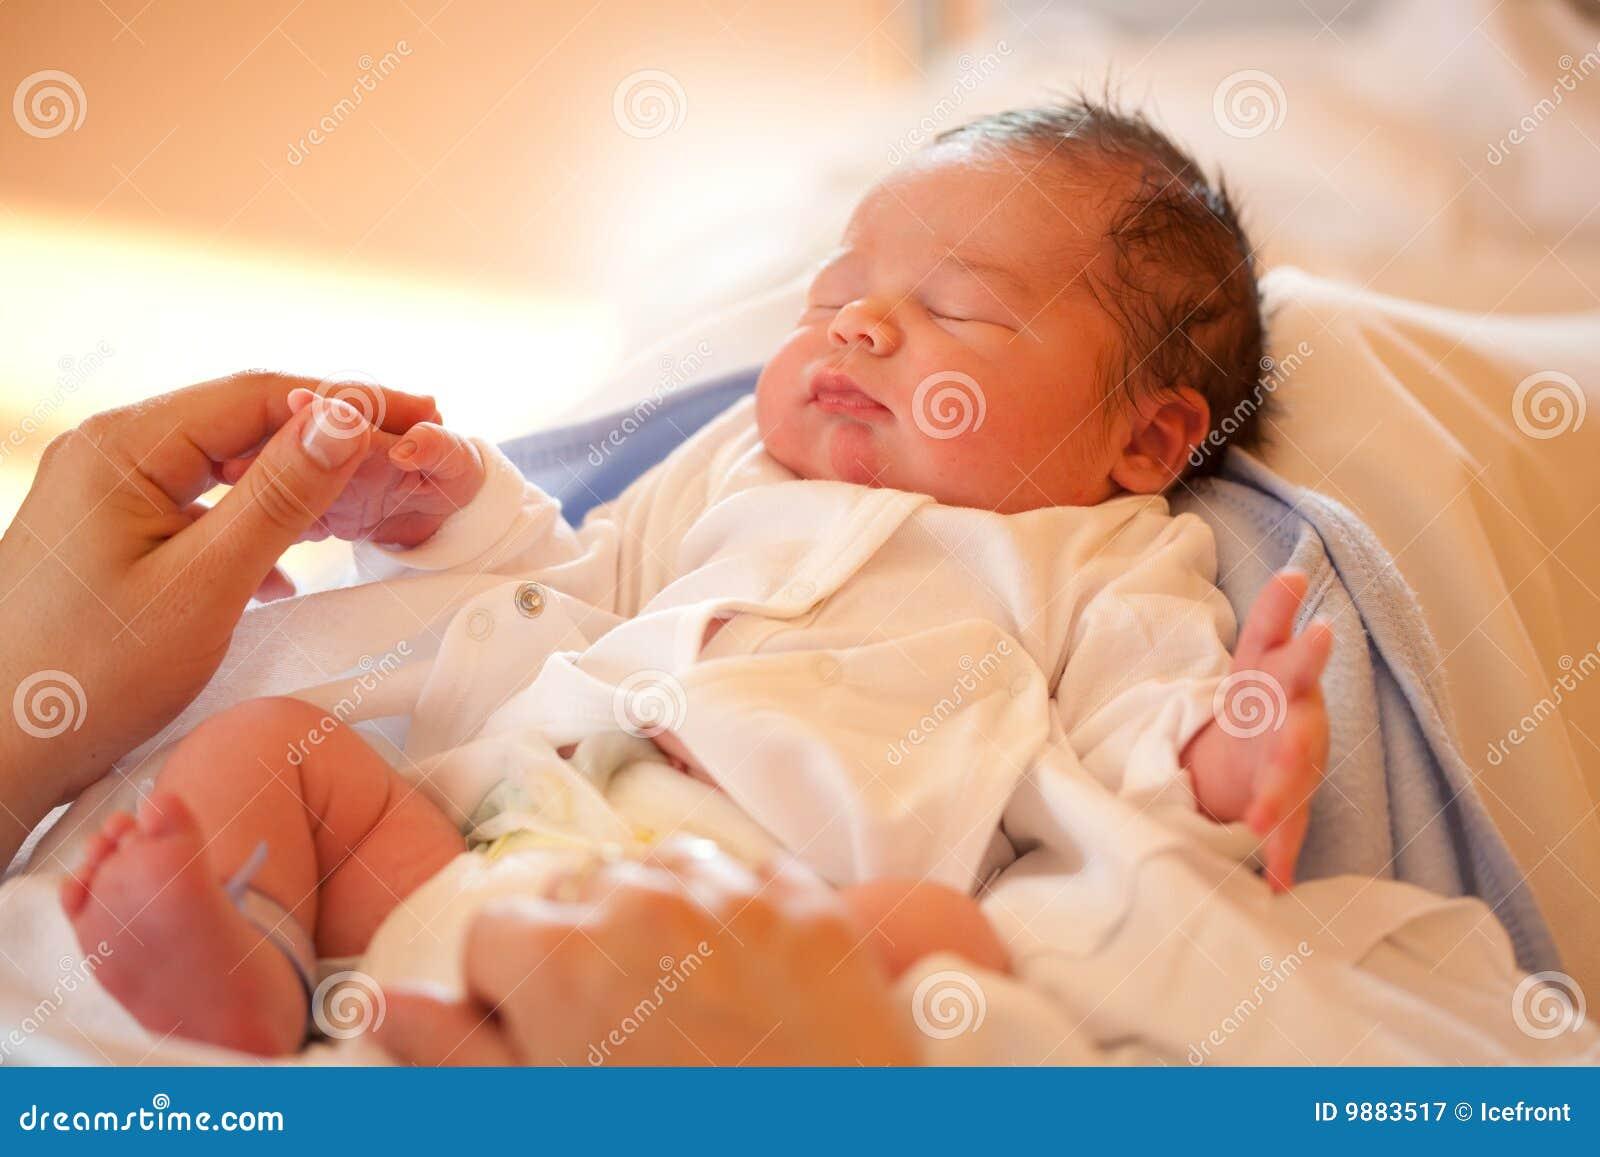 Nowa urodzona dziecko chłopiec